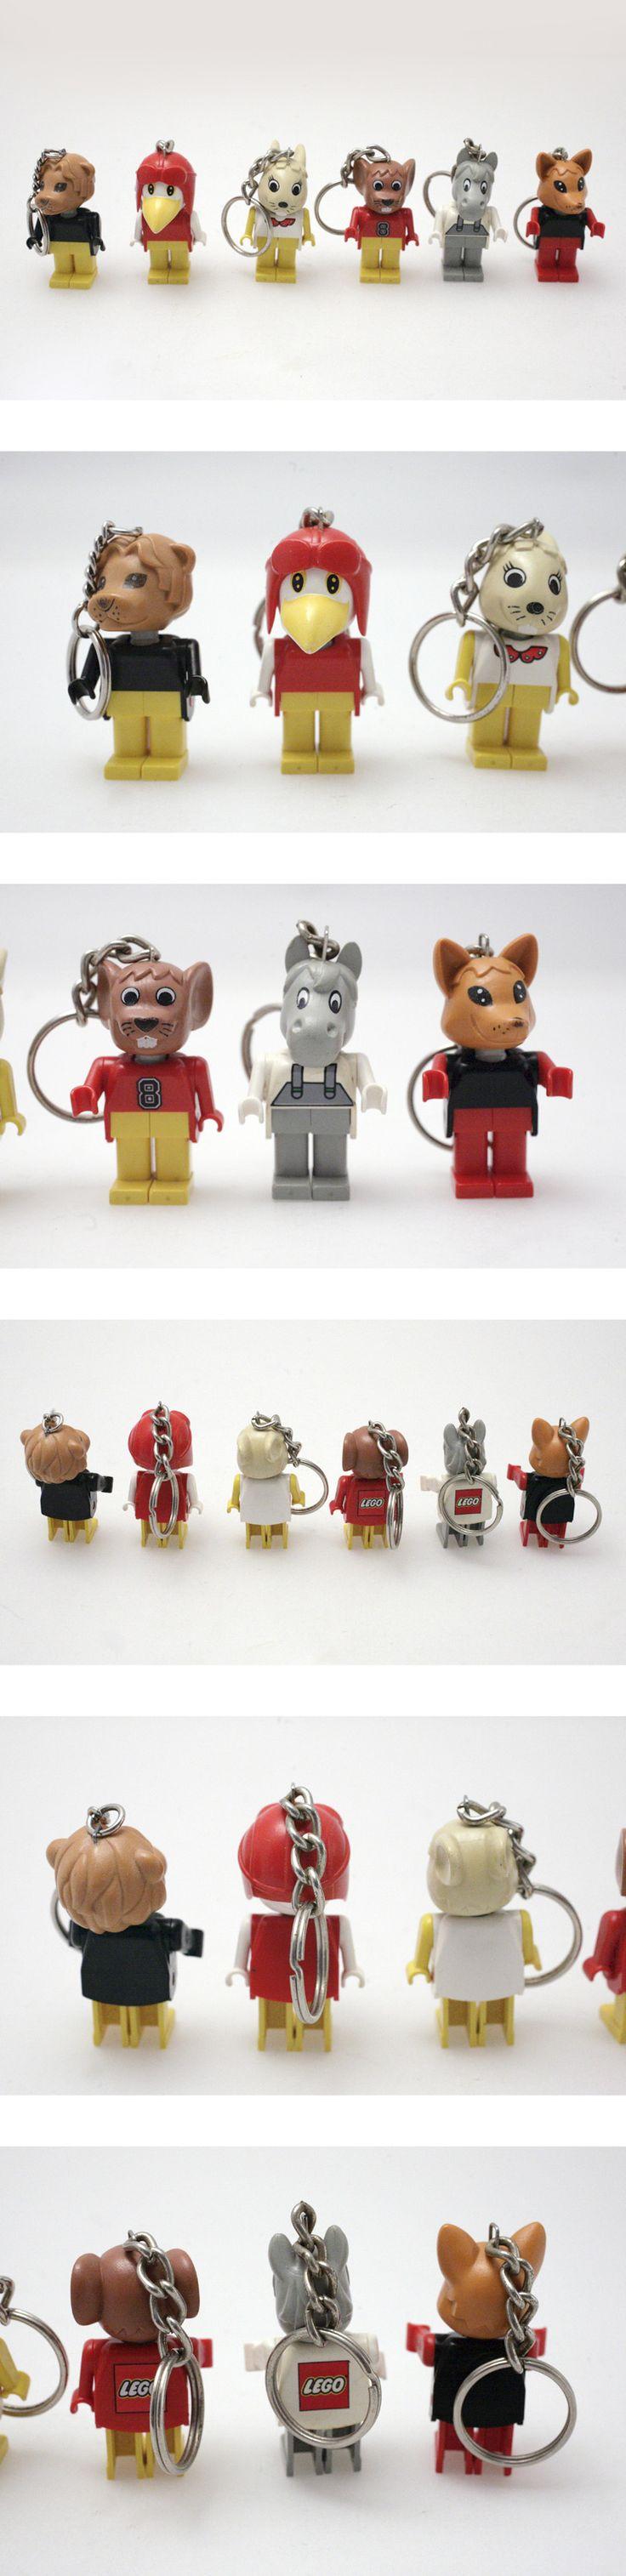 1970s LEGO FABULAND KEYCHAINS: AT AUCTION ON EBAY.DE